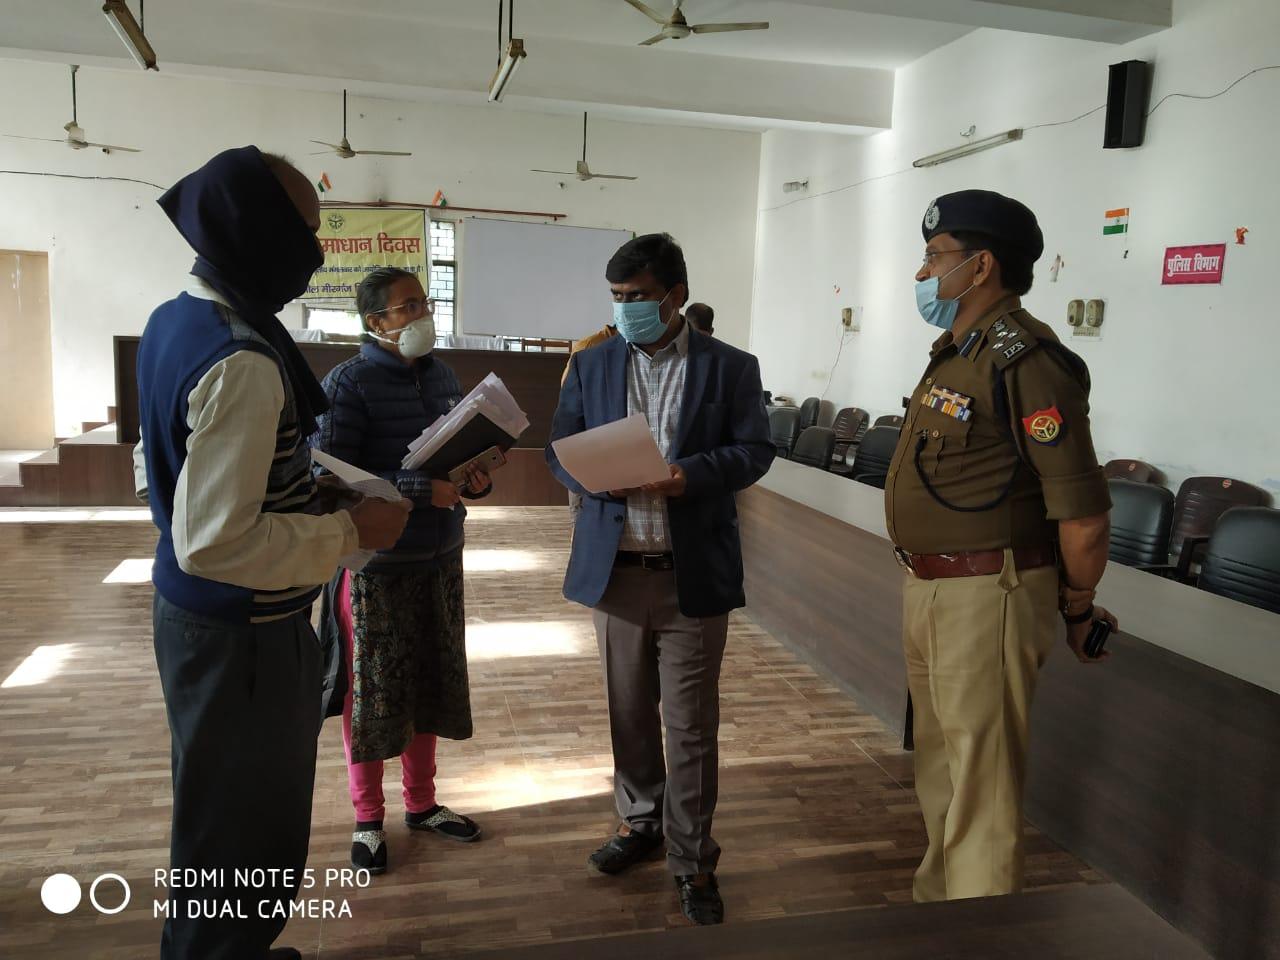 कमिश्नर-डीआईजी ने मीरगंज मेंं सुनीं 33 जन शिकायतें, निस्तारण शून्य